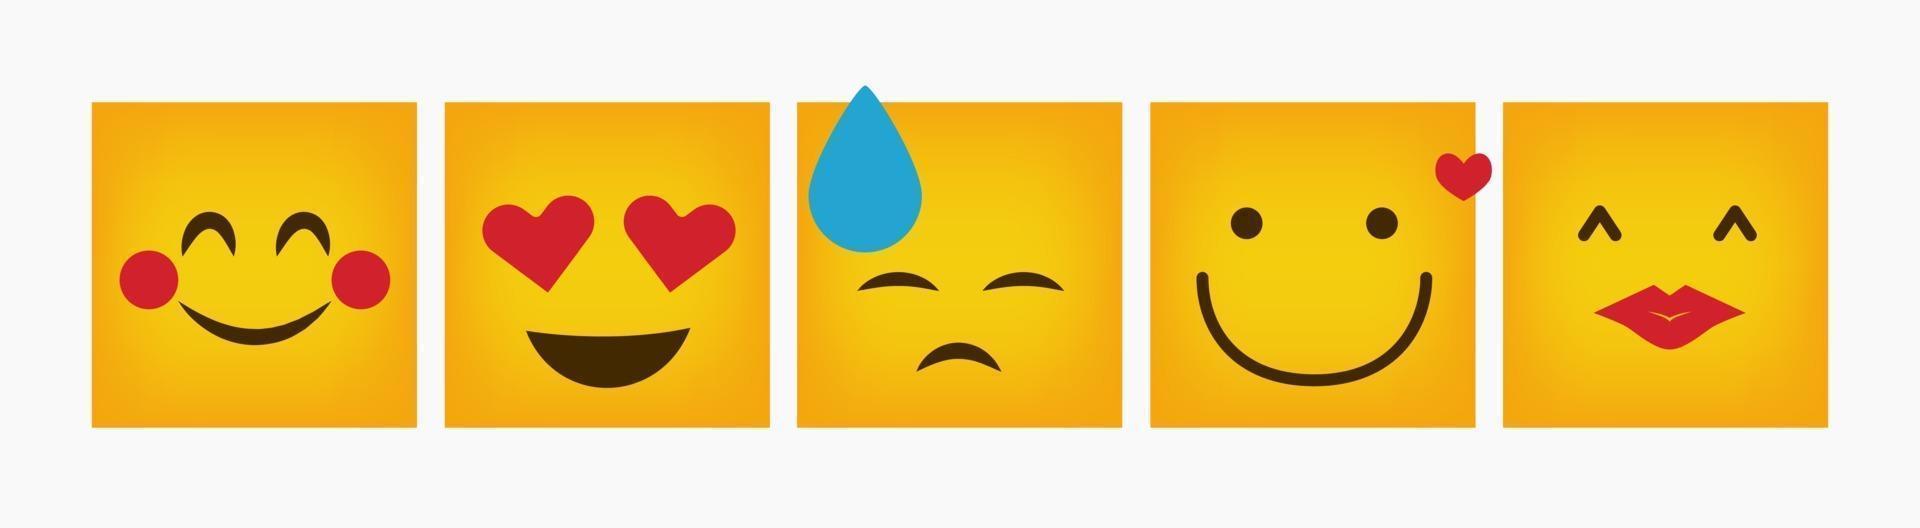 emoticon quadrato di reazione design piatto vettore